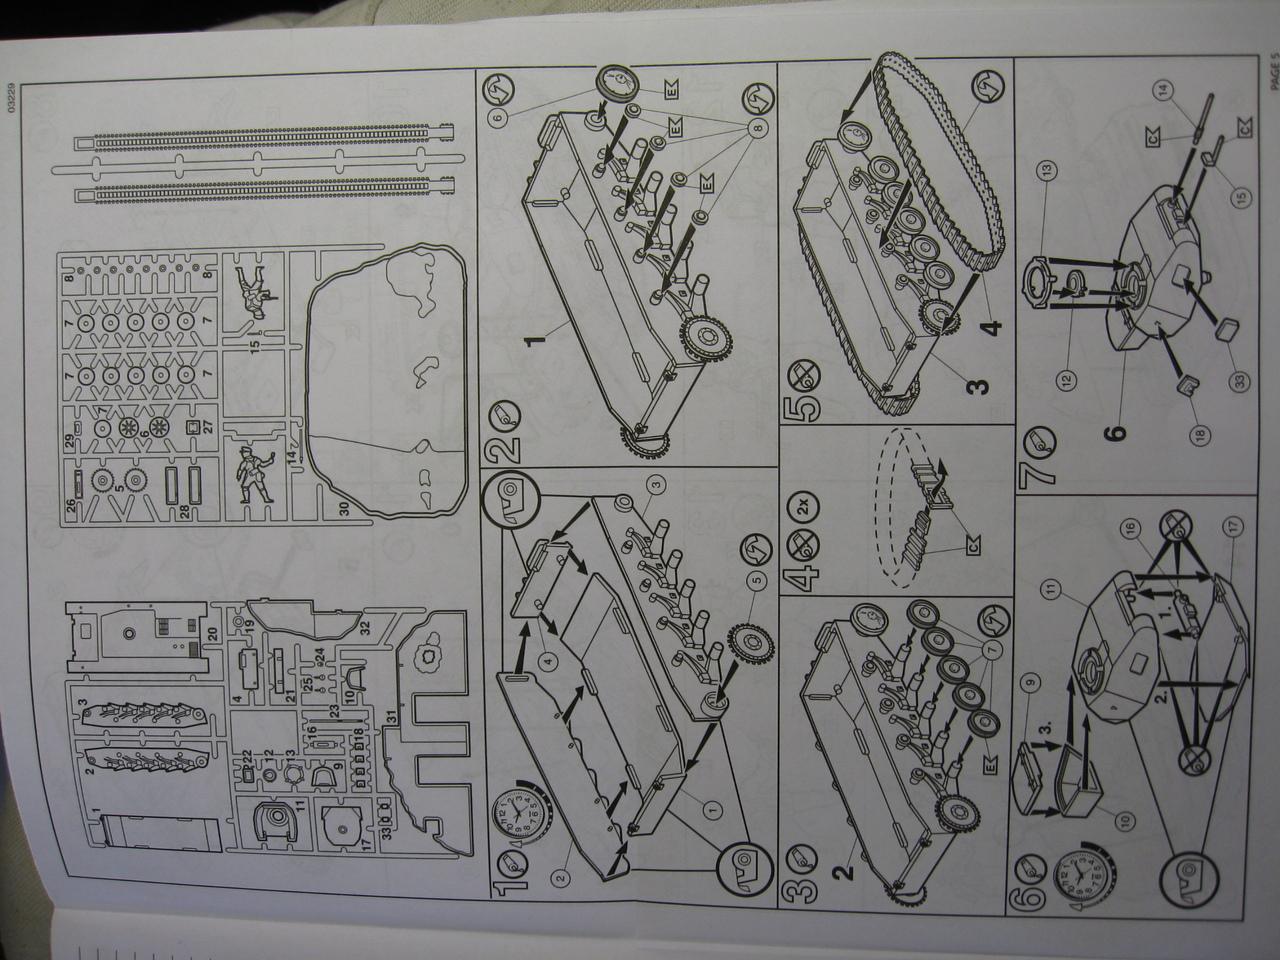 Ausgepackt - Pz.II Matchbox (Revell) Img_2028d0uo8